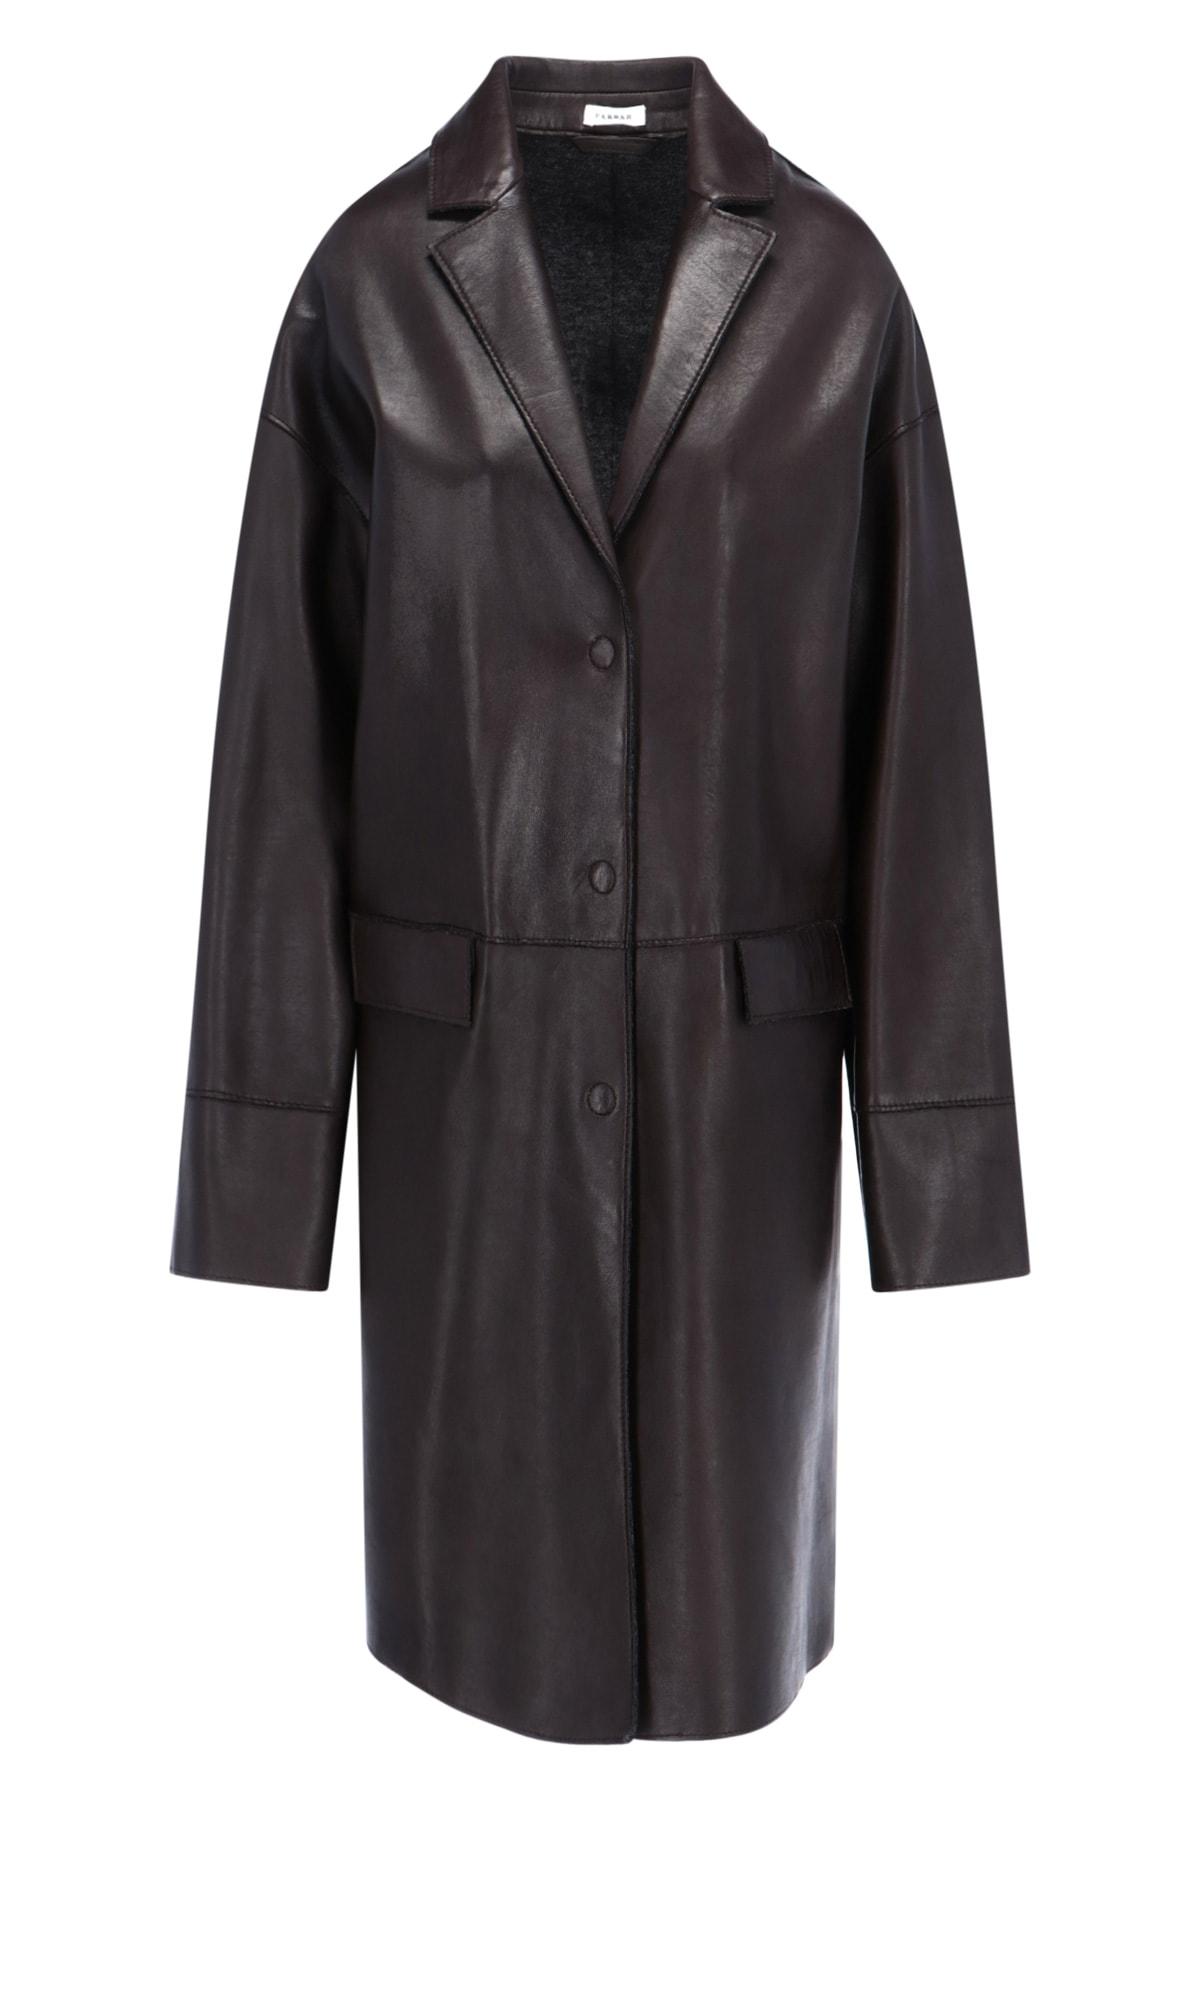 Parosh Magnete Coat